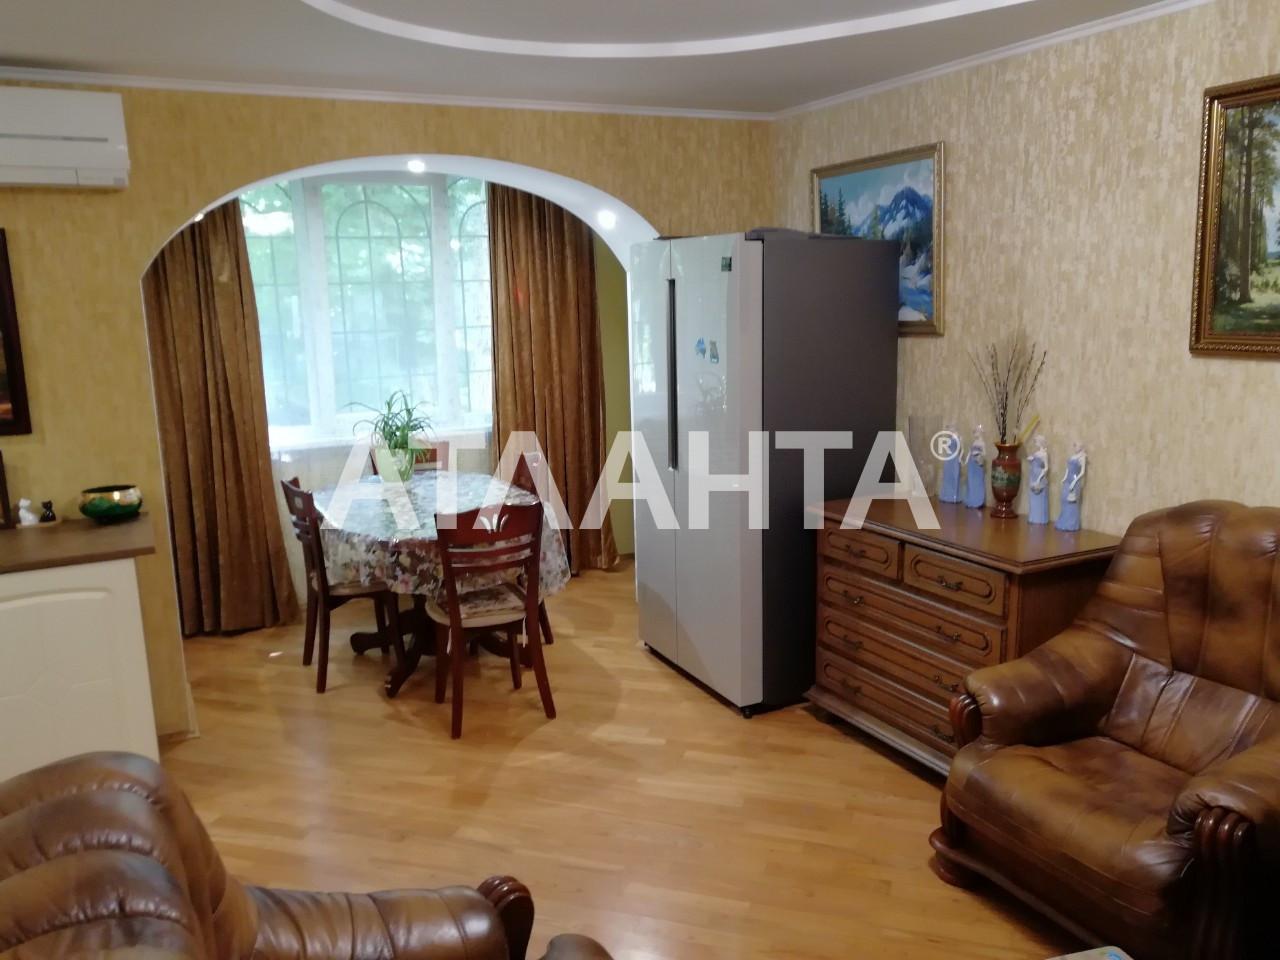 Продается 2-комнатная Квартира на ул. Героев Пограничников — 36 000 у.е. (фото №6)